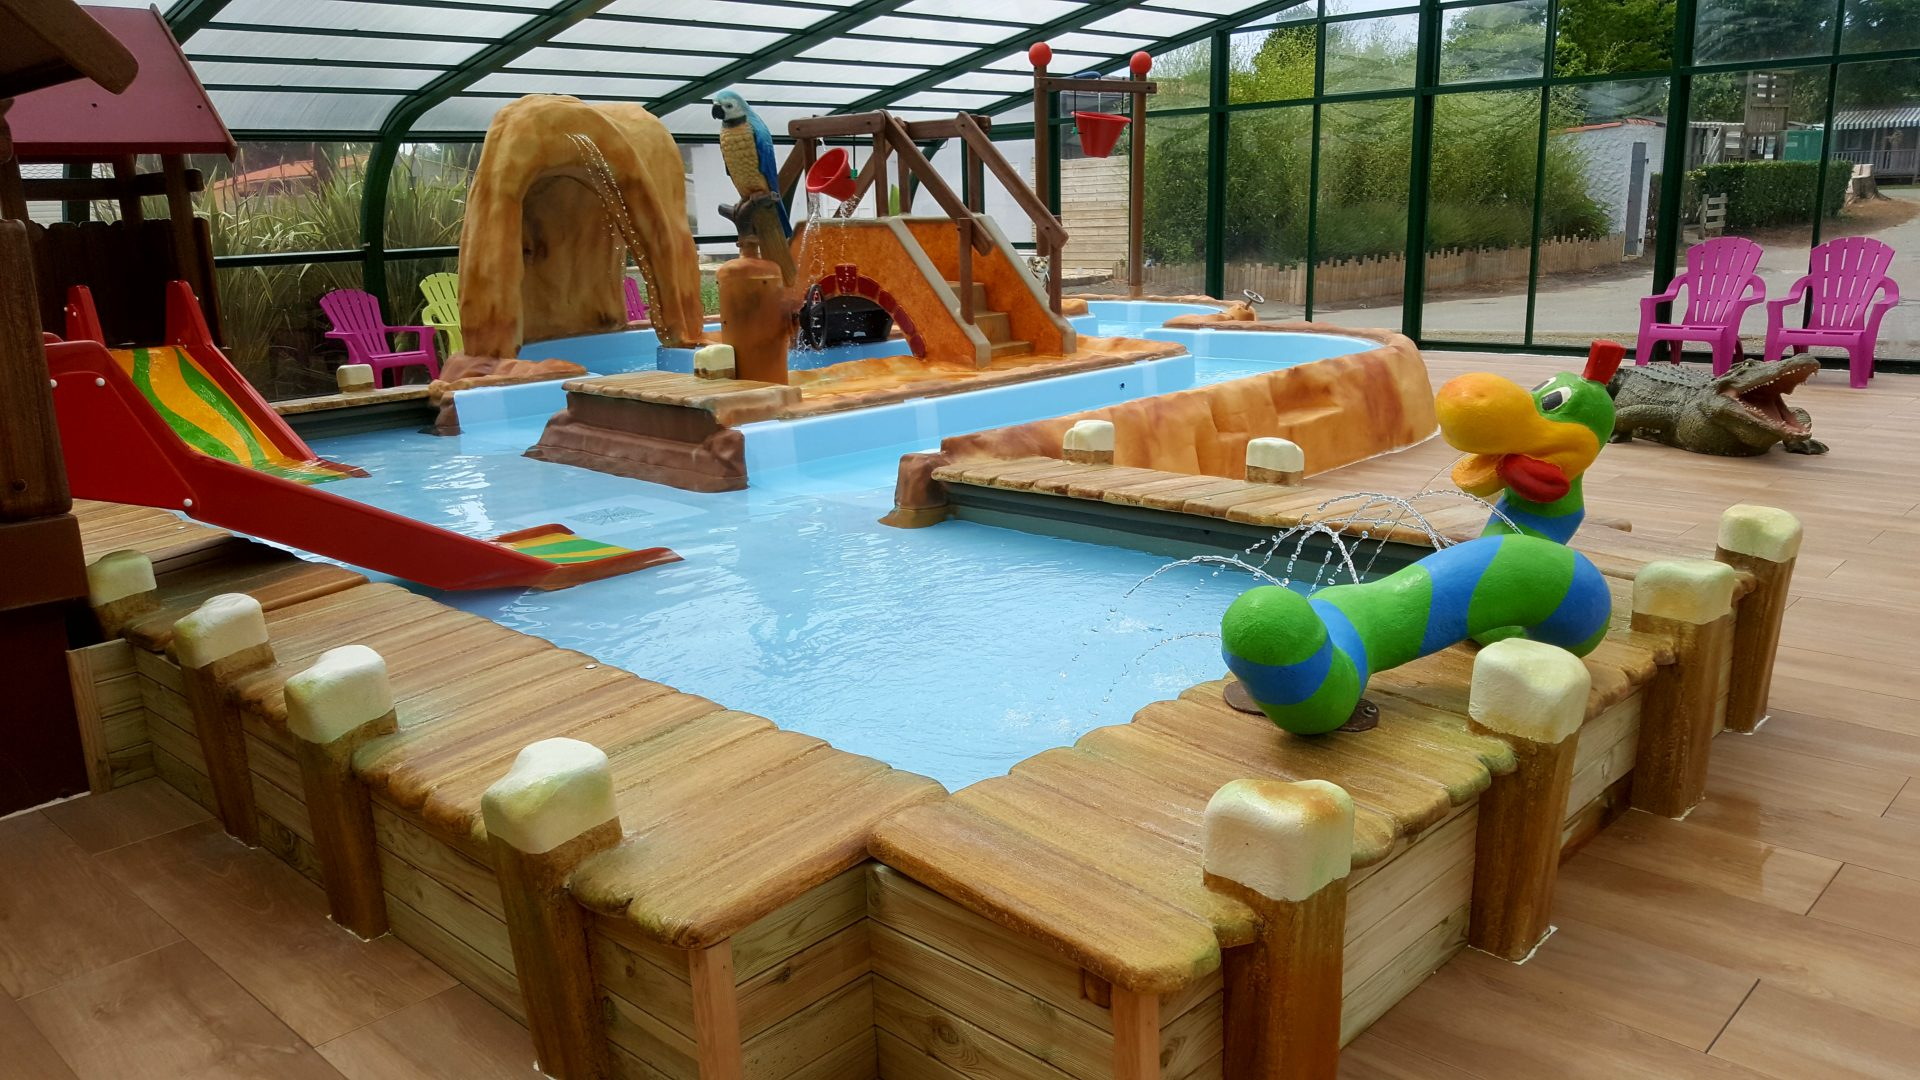 pataugeoire-enfant-camping-domaine-de-l-oree Les Sables d'Olonne